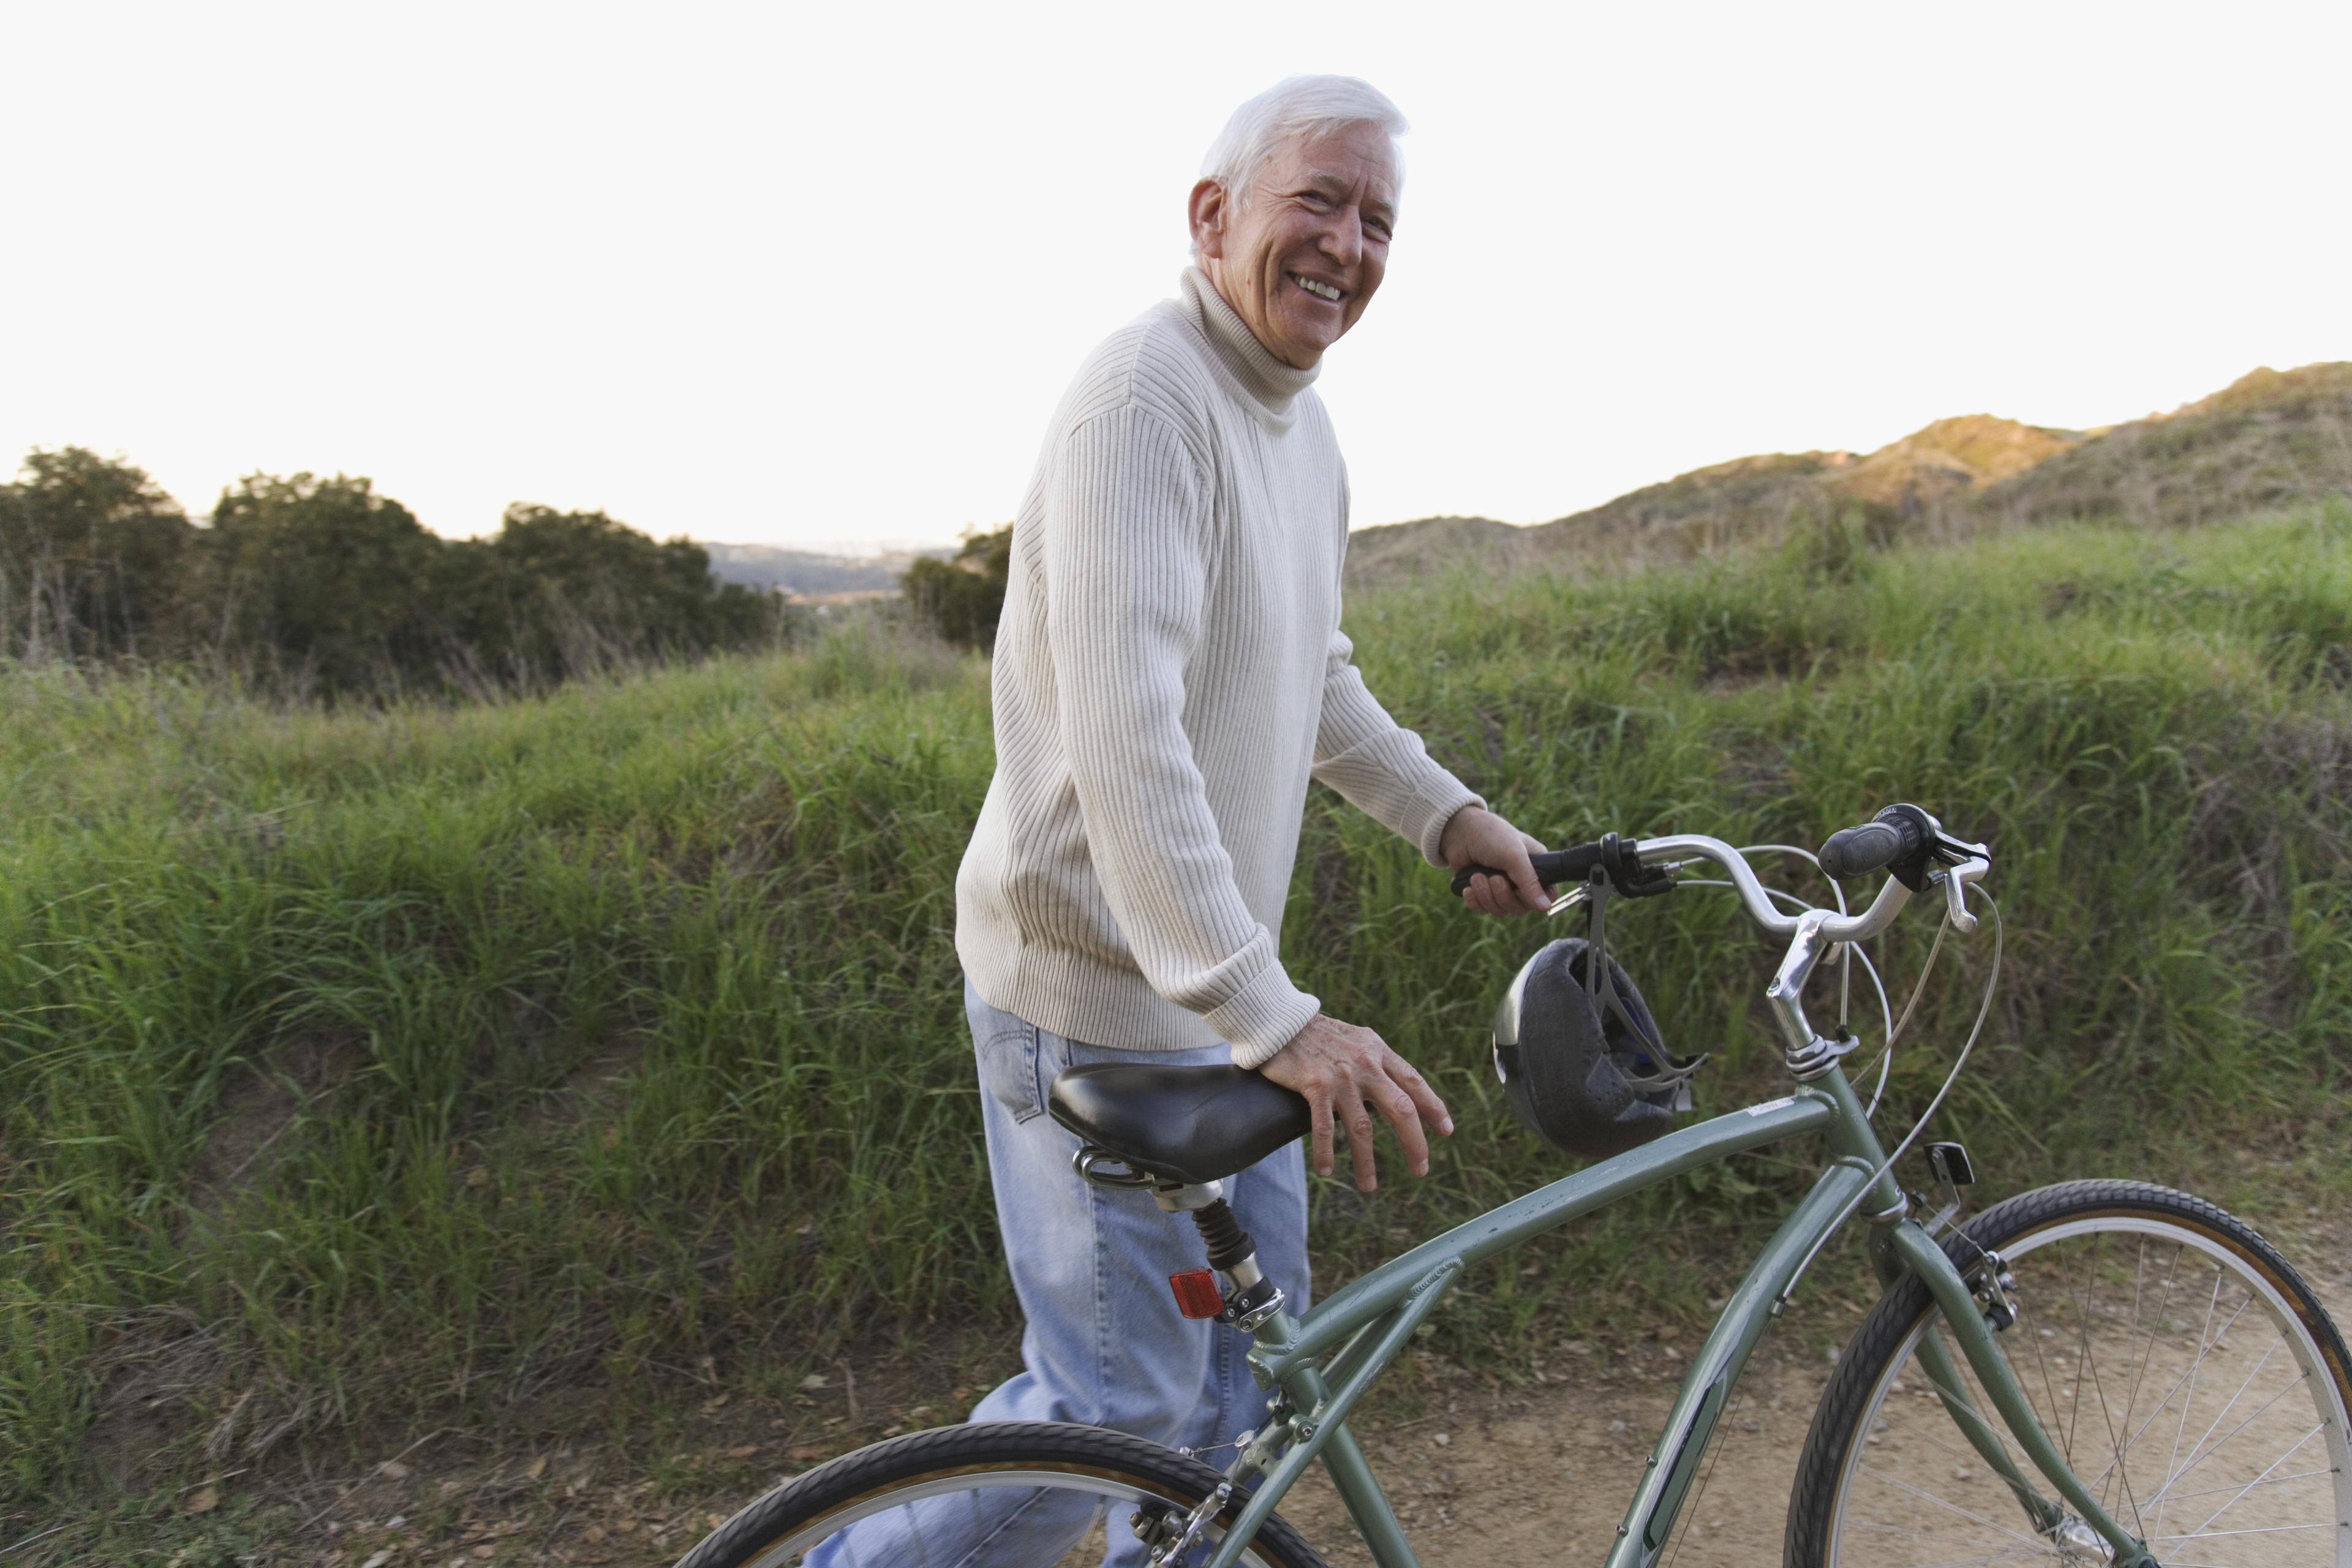 Gammel mann på sykkel